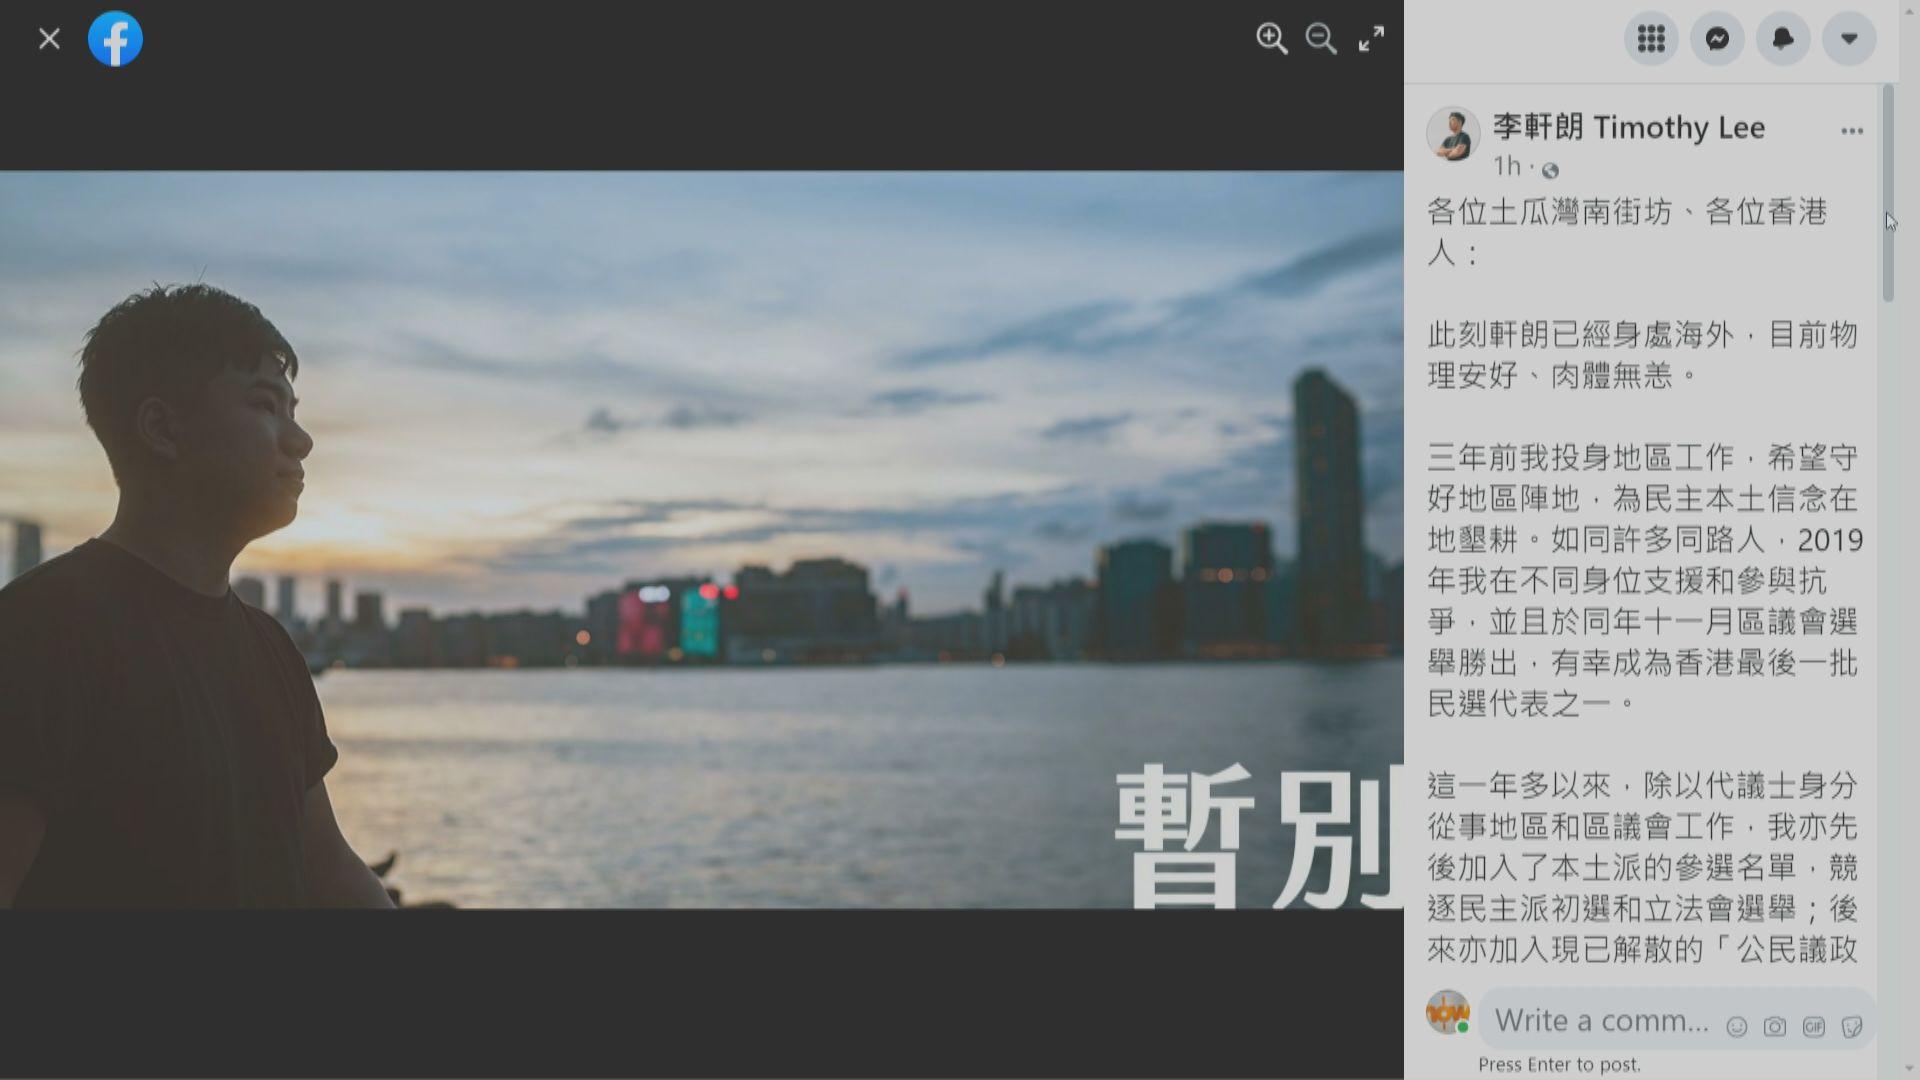 前區議員李軒朗棄保離港 曾因選舉開支涉詐騙被捕